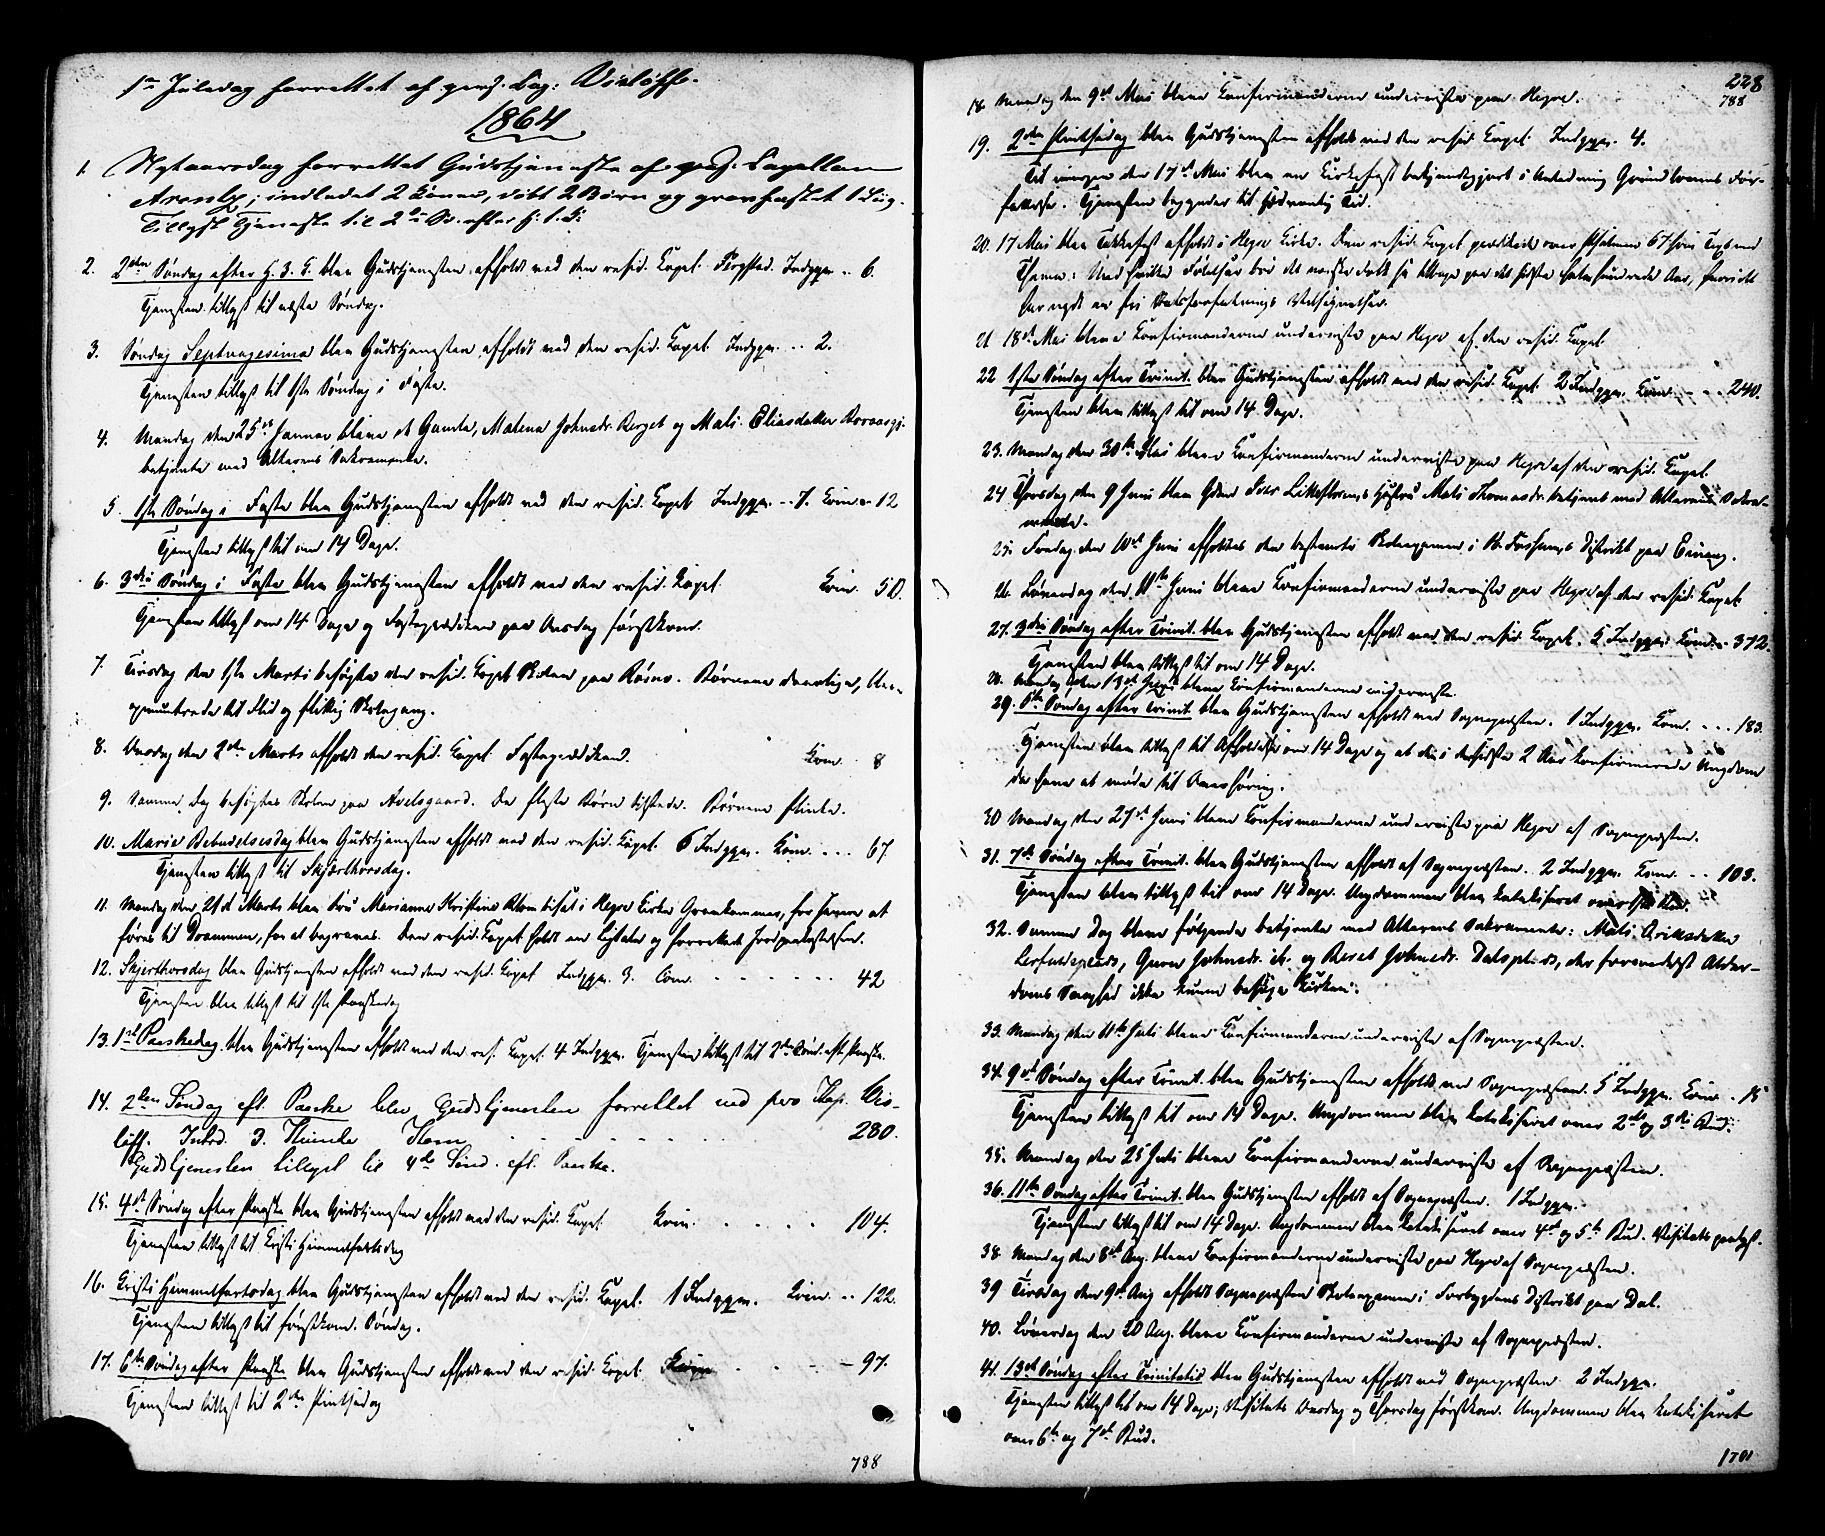 SAT, Ministerialprotokoller, klokkerbøker og fødselsregistre - Nord-Trøndelag, 703/L0029: Ministerialbok nr. 703A02, 1863-1879, s. 228